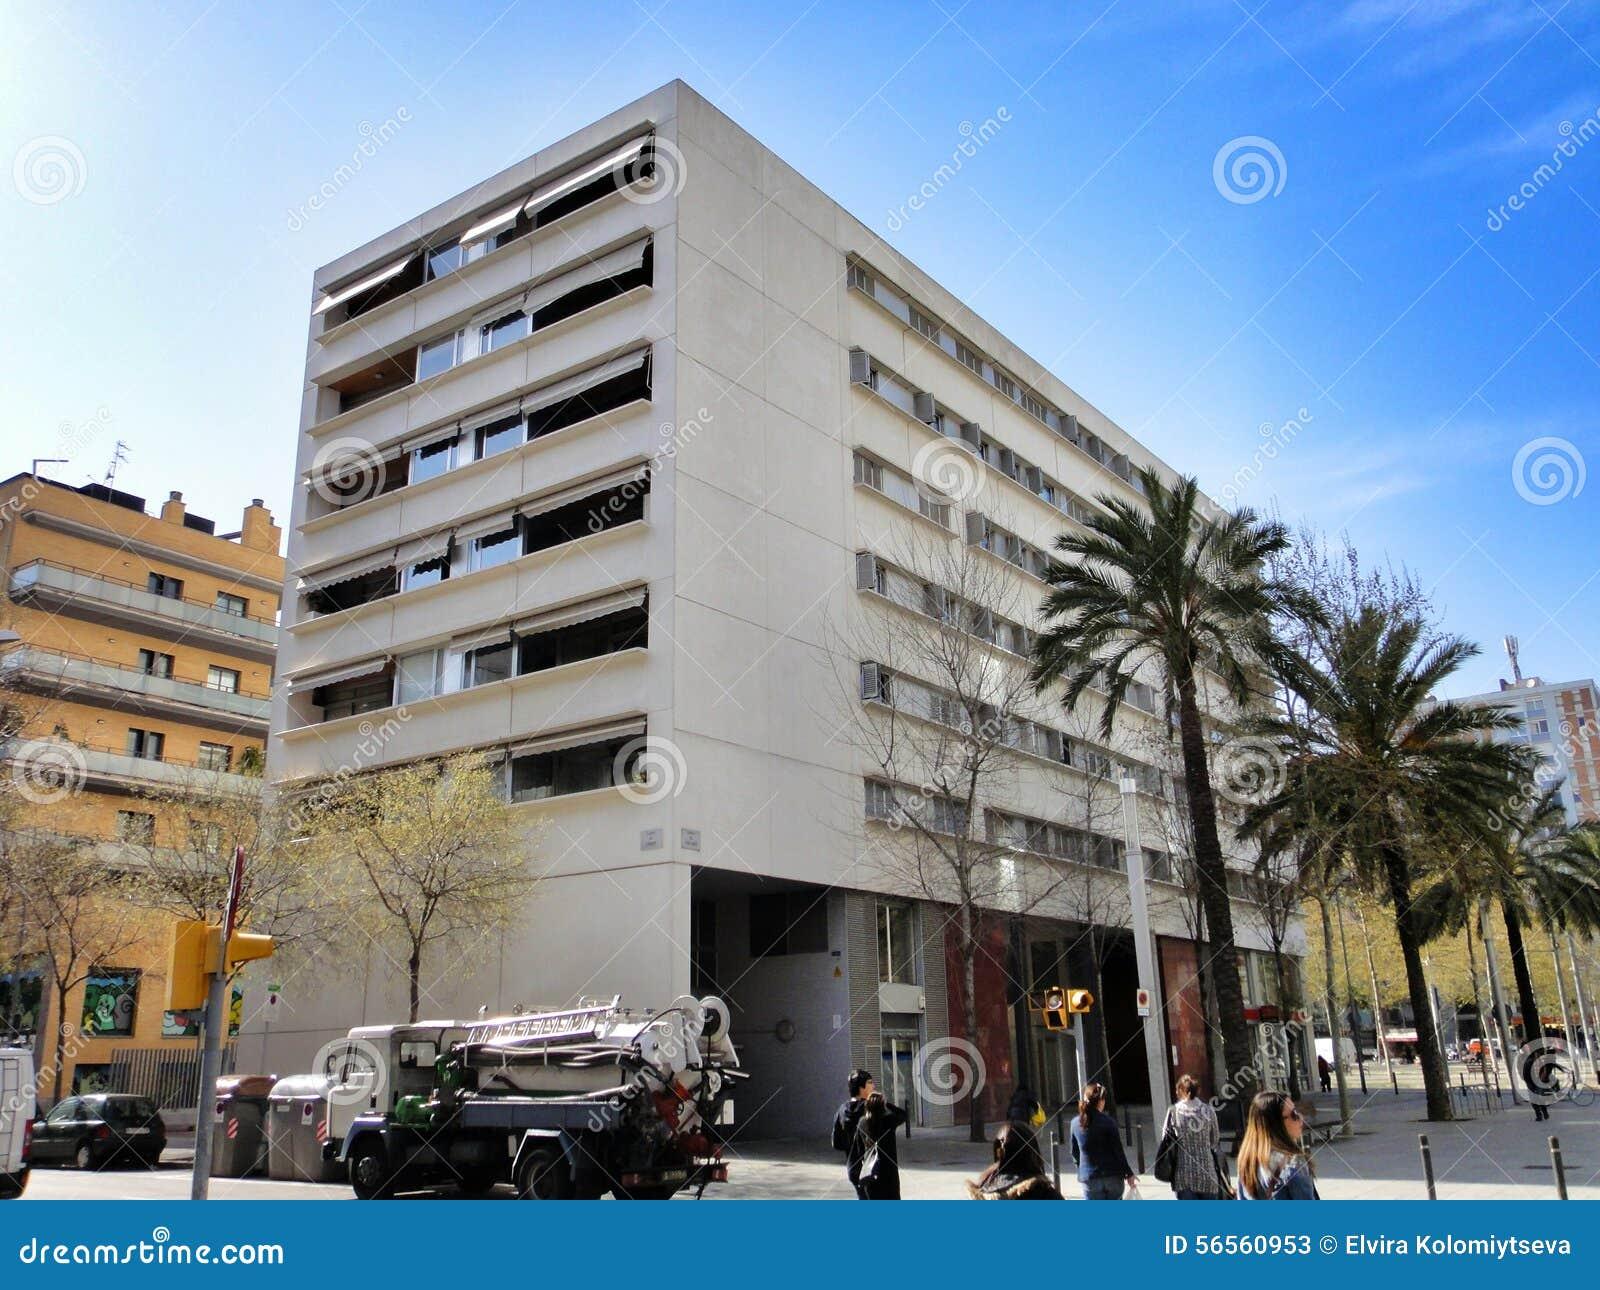 Download Παραδοσιακή αρχιτεκτονική της Βαρκελώνης, Ισπανία Εκδοτική Στοκ Εικόνες - εικόνα από αρχιτεκτονικής, αρχιπελαγών: 56560953